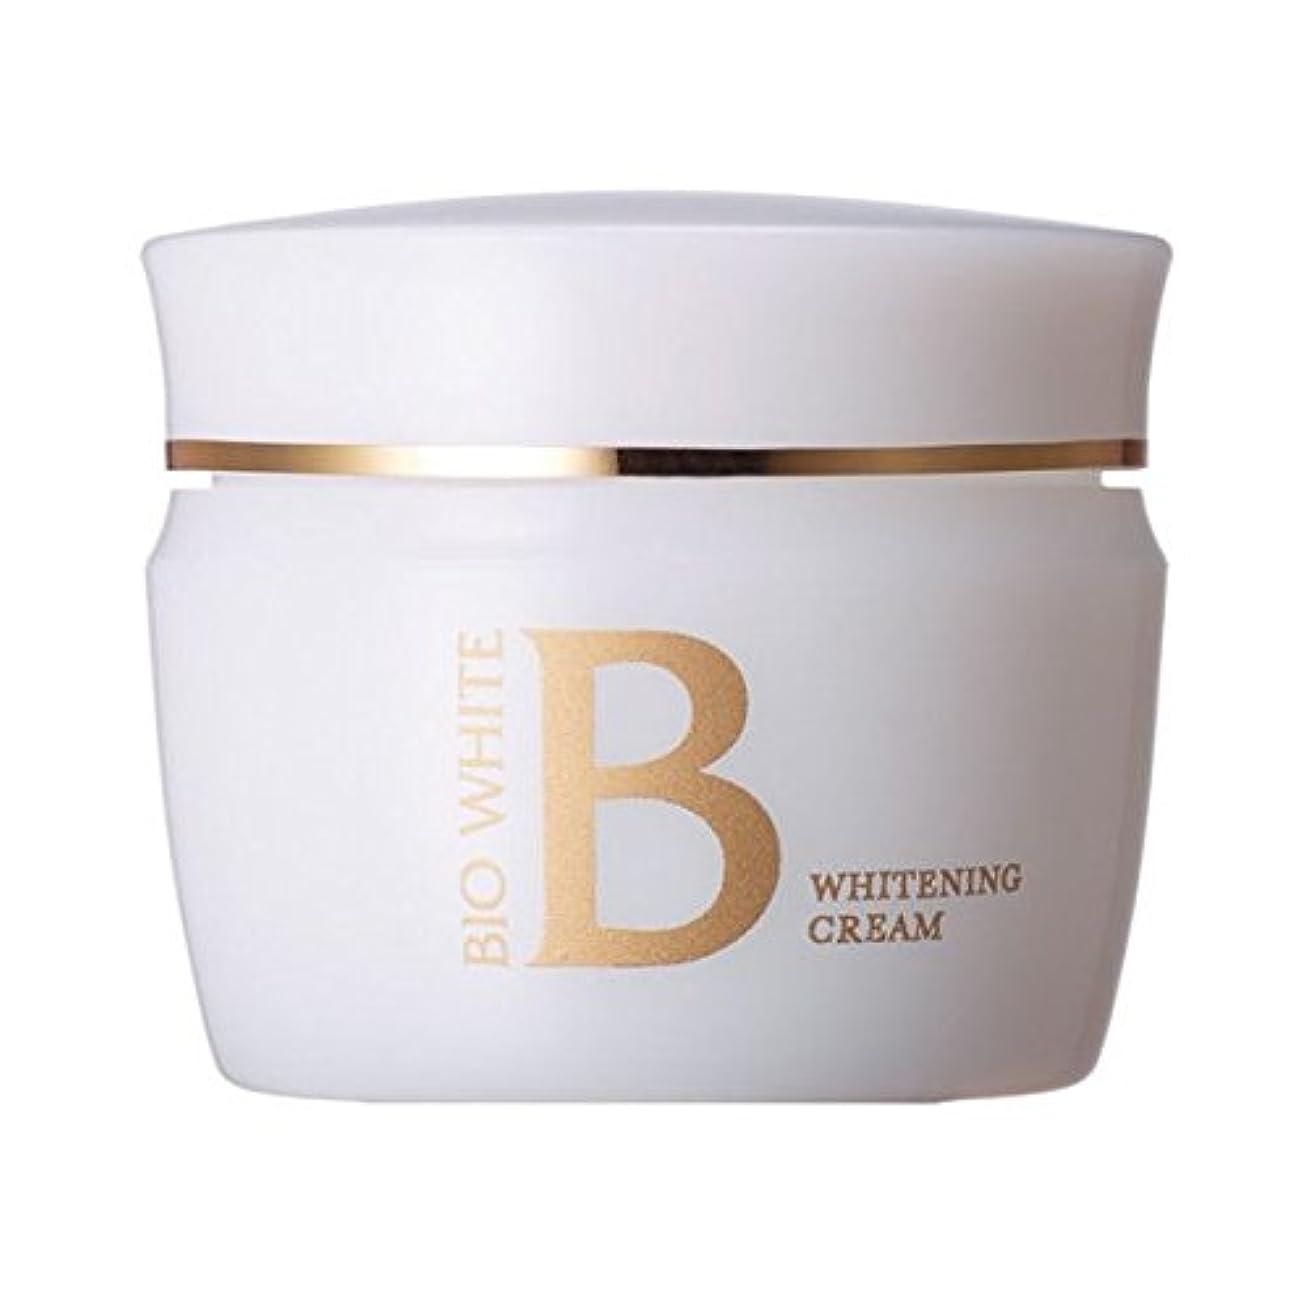 封筒フィヨルド後者エビス化粧品(EBiS) ビーホワイトクリーム40g トラネキサム酸配合 美白クリーム フェイスクリーム